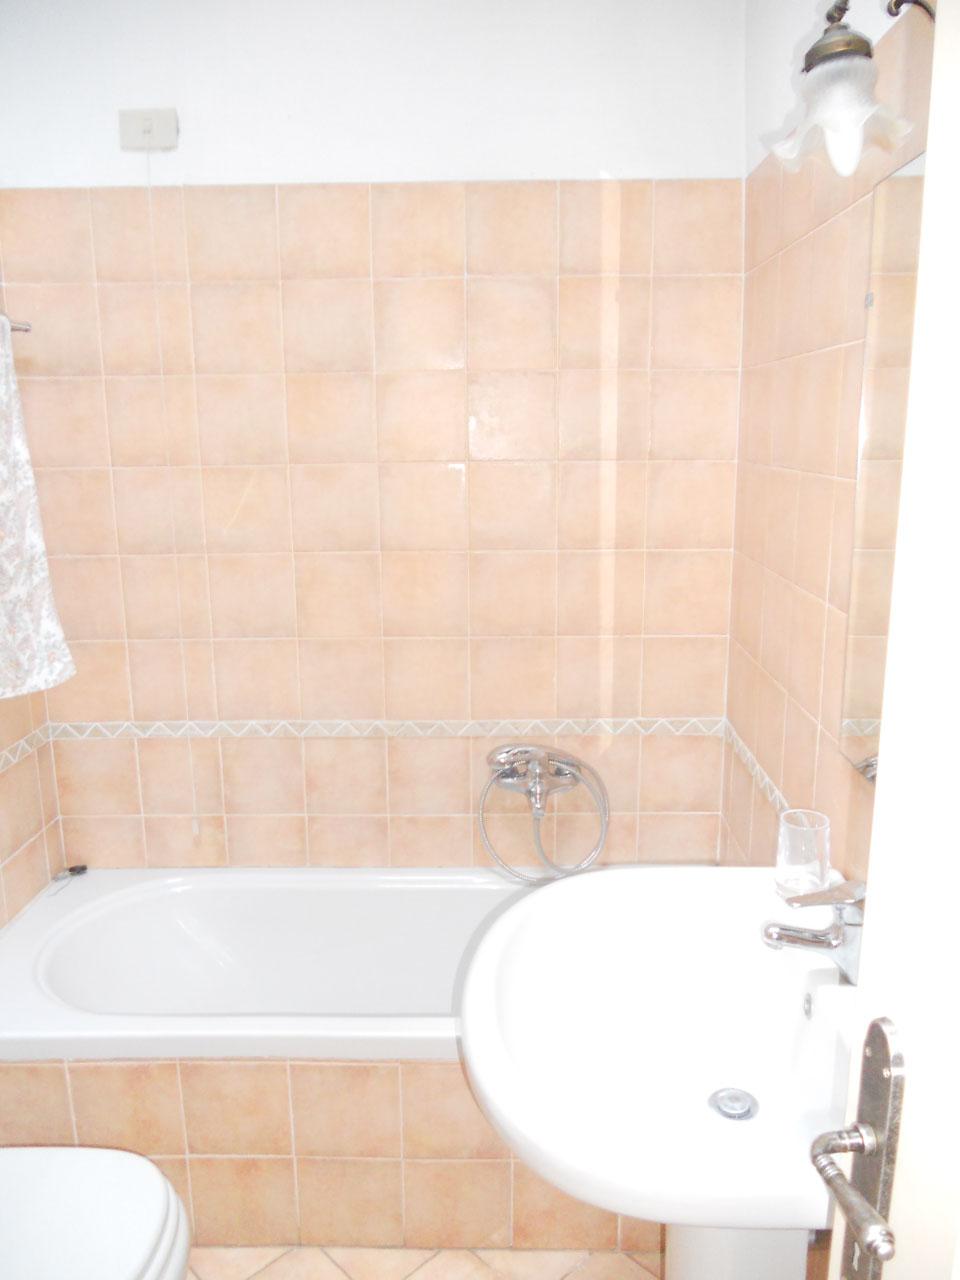 soggiorni al Castello di Bornato - uno dei bagni privati » viverchic